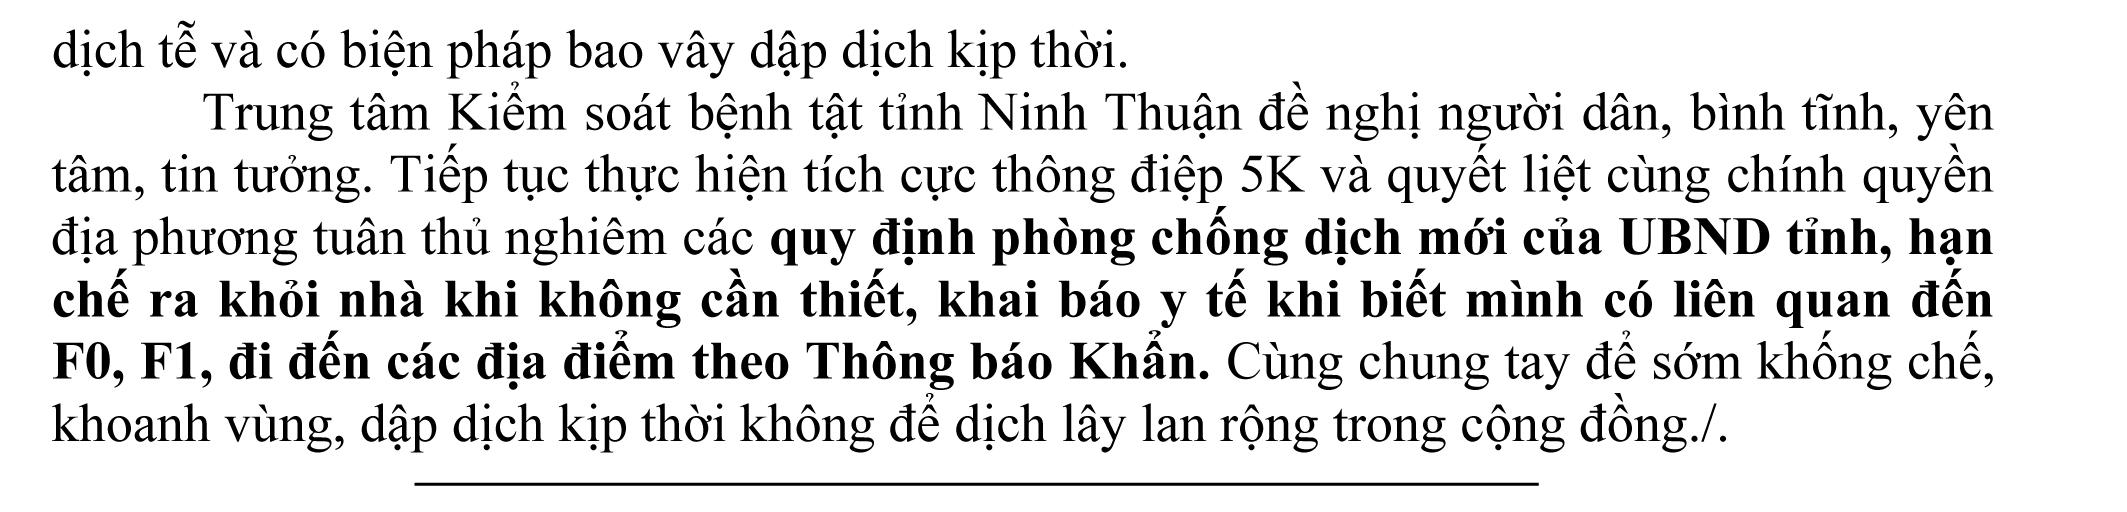 Ngày 12-9 Ninh Thuận ghi nhận có 2 ca mắc Covid-19 mới